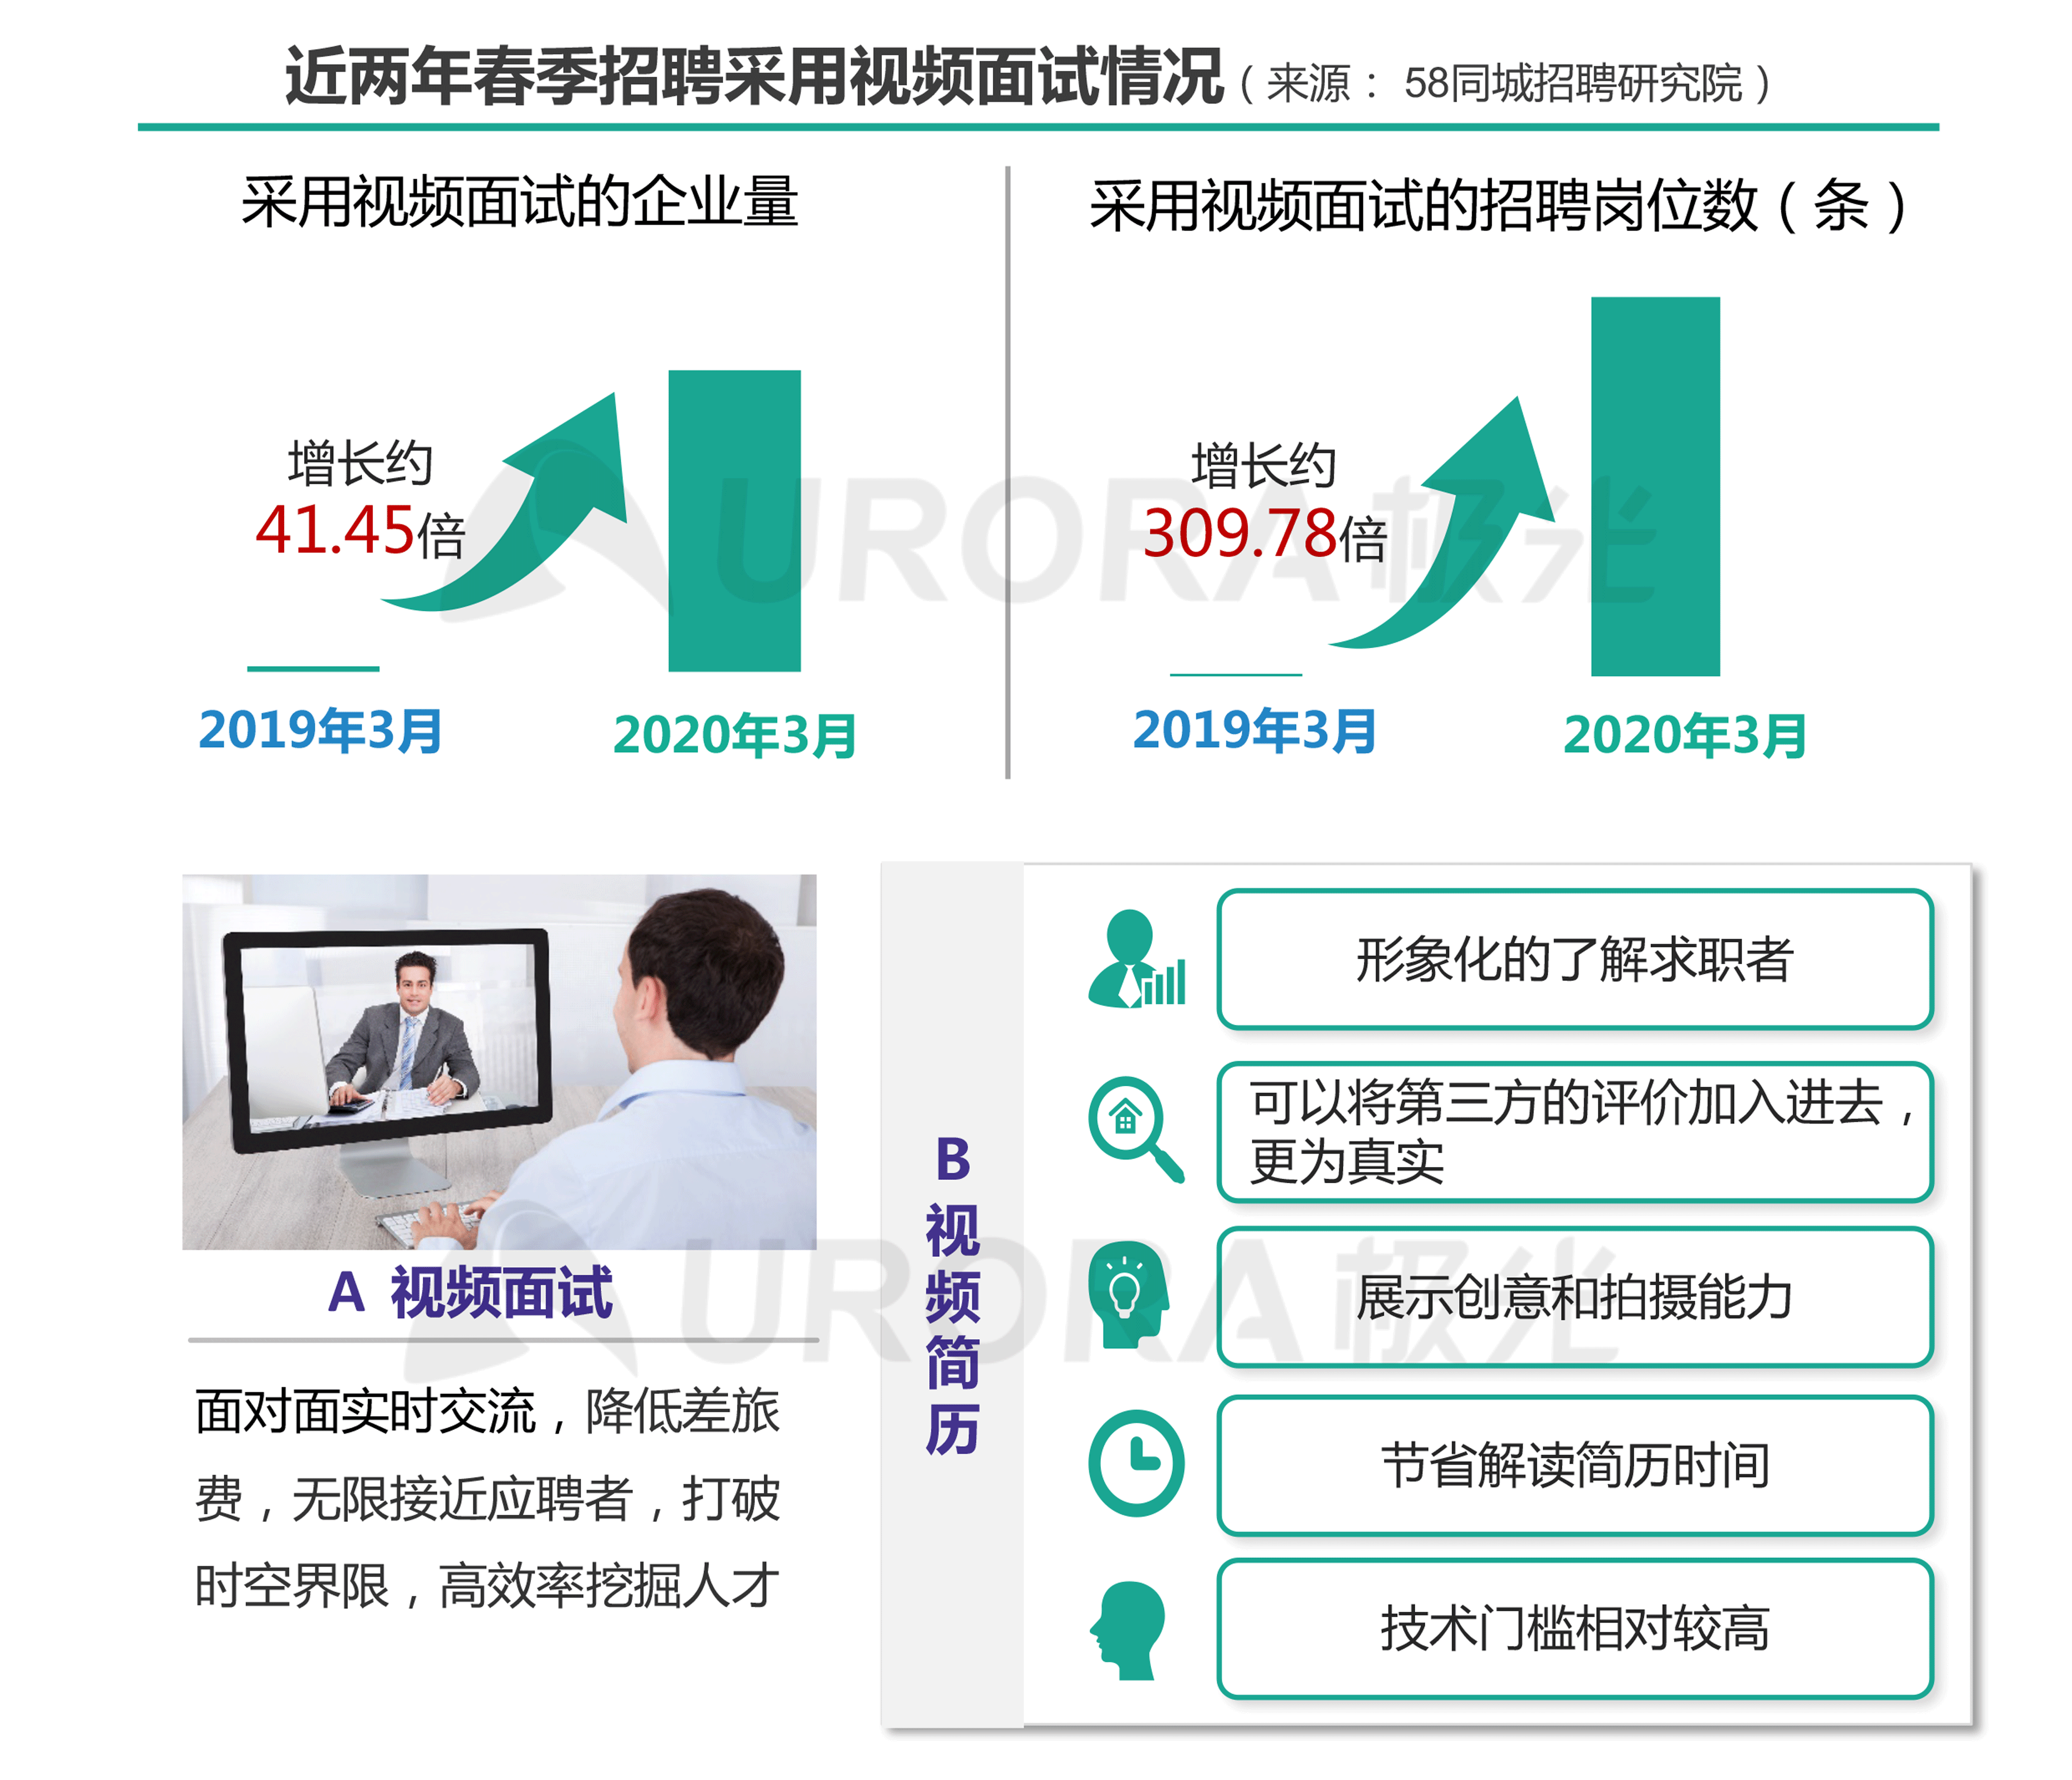 """""""超职季""""招聘行业报告-技术篇 (5).png"""